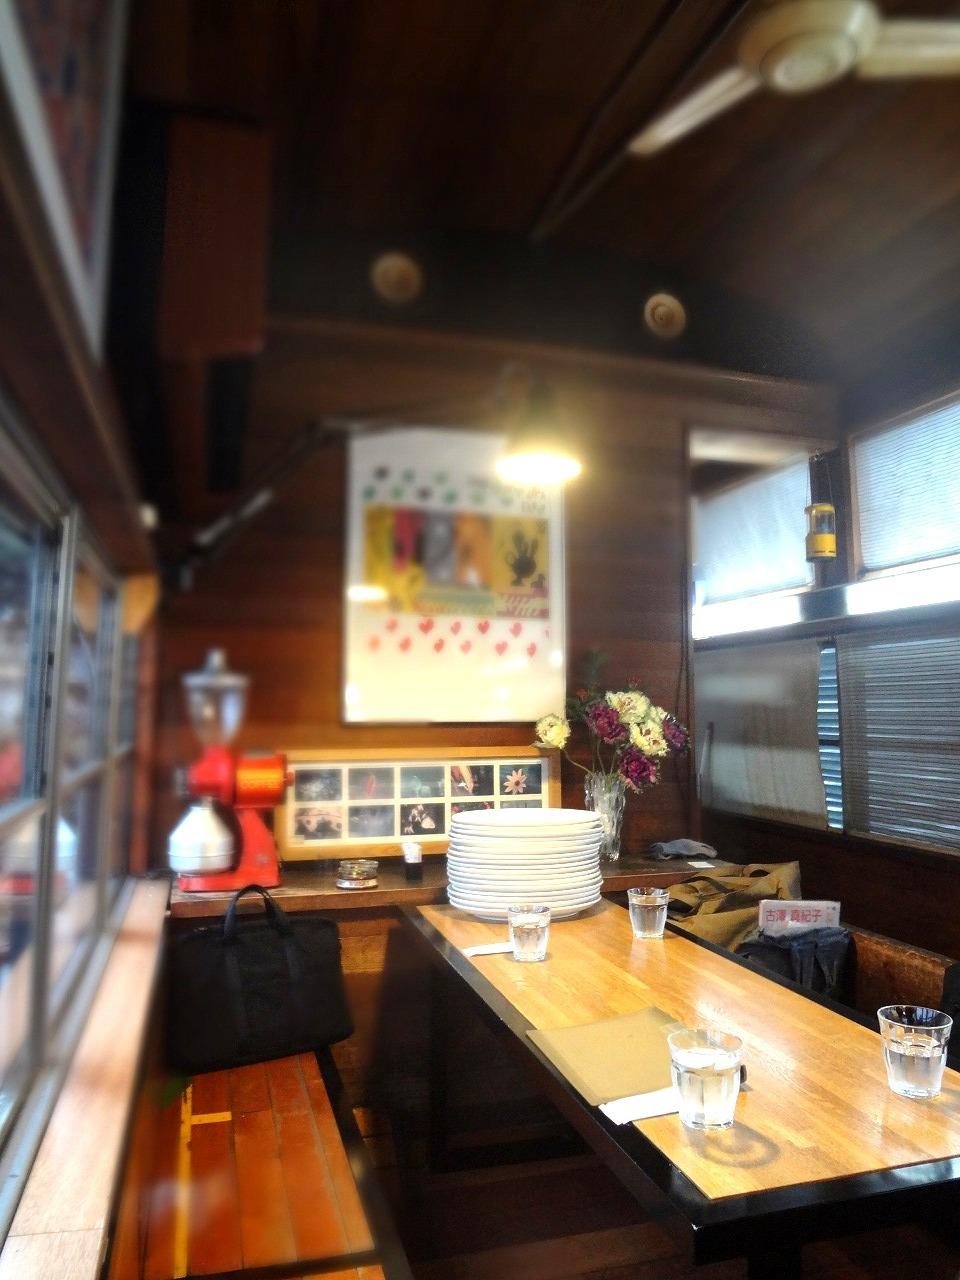 コンポストトイレ見学│木の家ネット・埼玉_b0274159_10192305.jpg